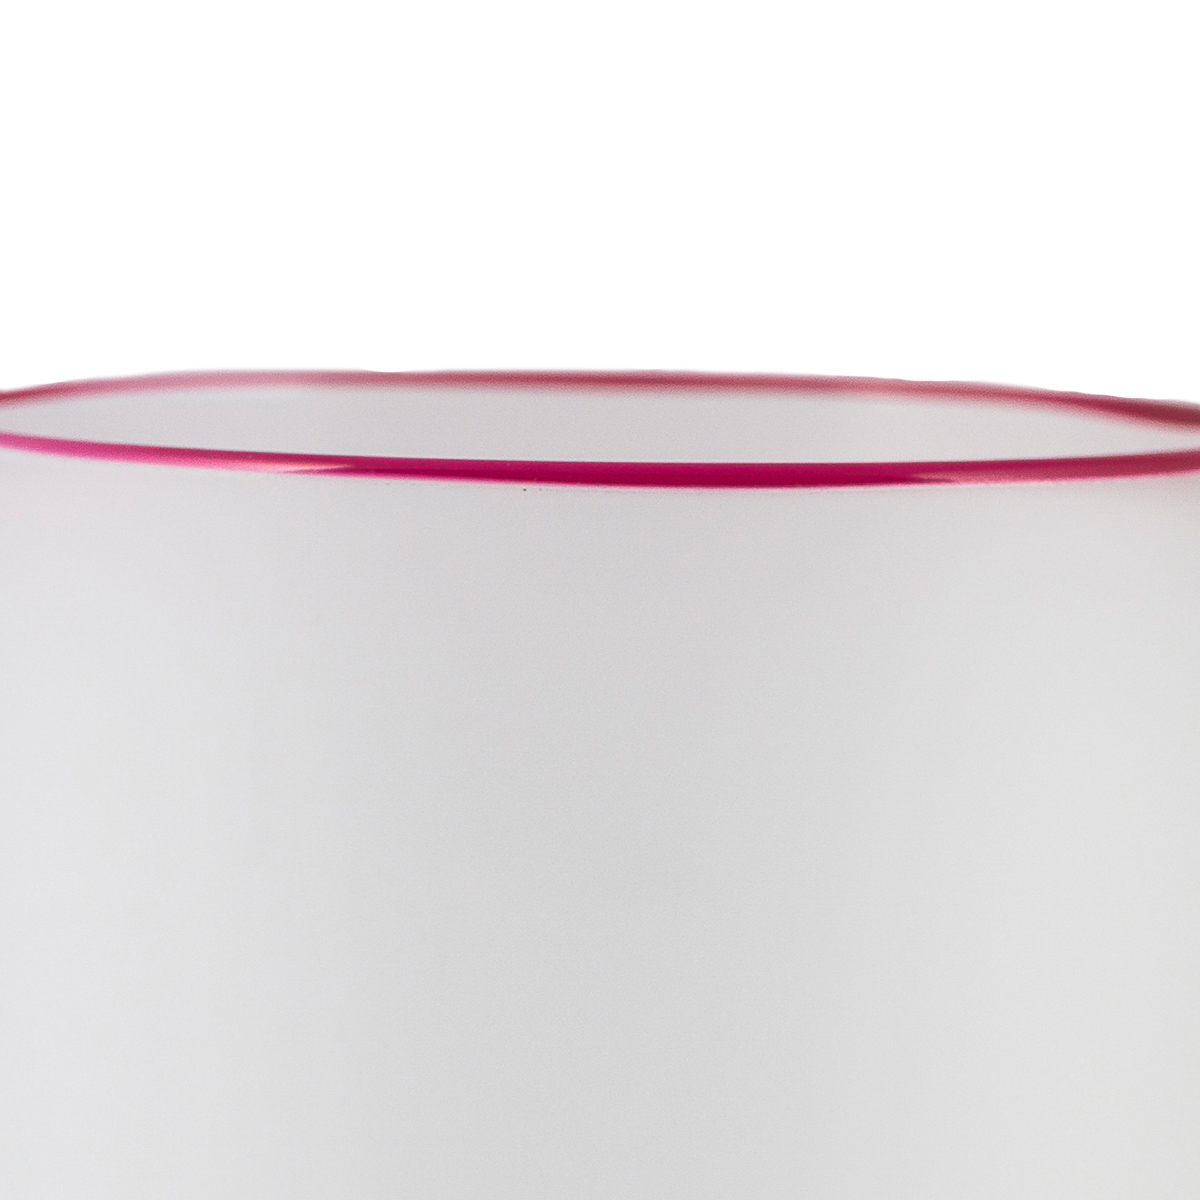 frost-glass-water-detail-ruby-rim-handmade-venice-murano